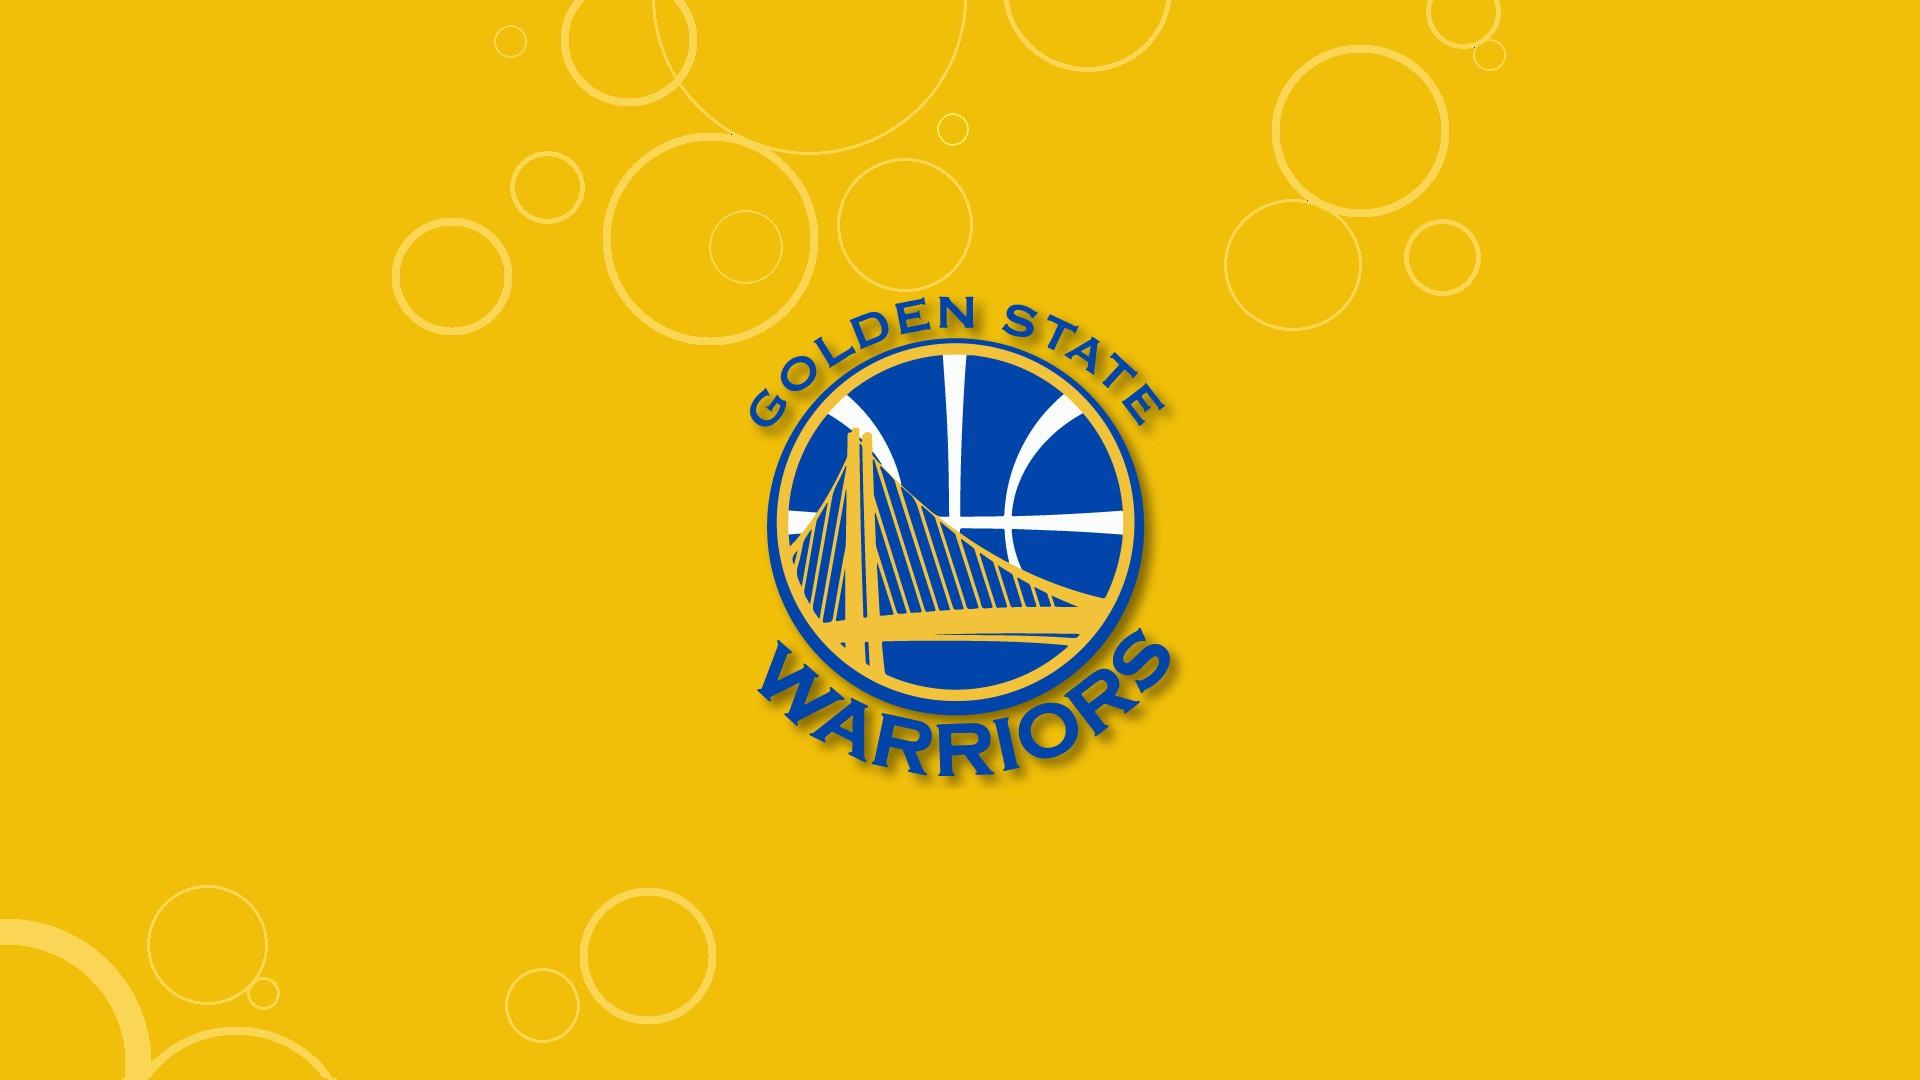 Golden State Warriors NBA For Desktop Wallpaper 2019 Basketball 1920x1080